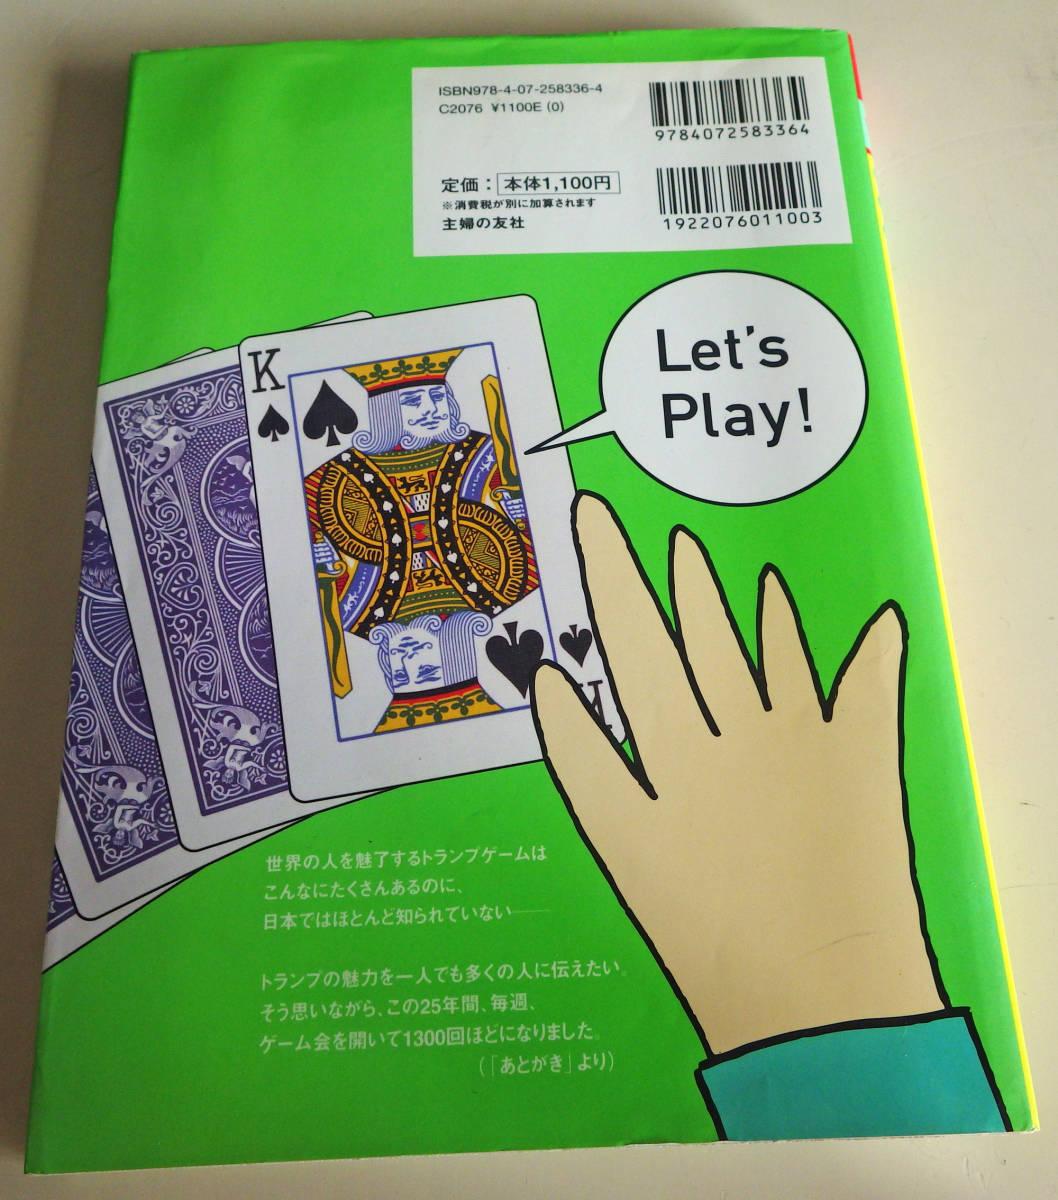 中古書籍 夢中になる! トランプの本 ゲーム マジック 占い 主婦の友社 ベストBOOKS 草場純 2010年発行_画像2